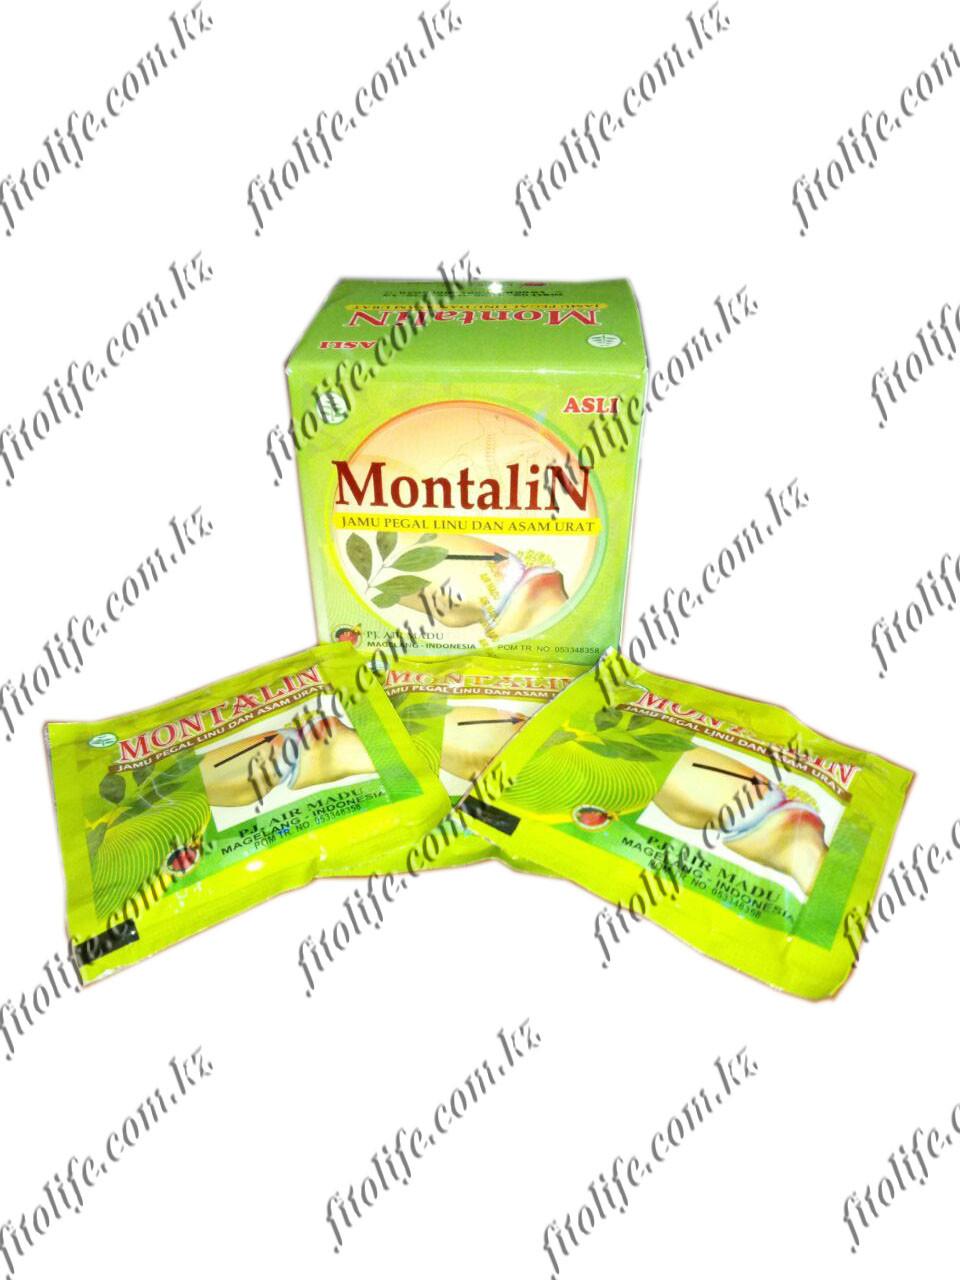 Капсулы Montalin(Индонезия) для лечения суставов